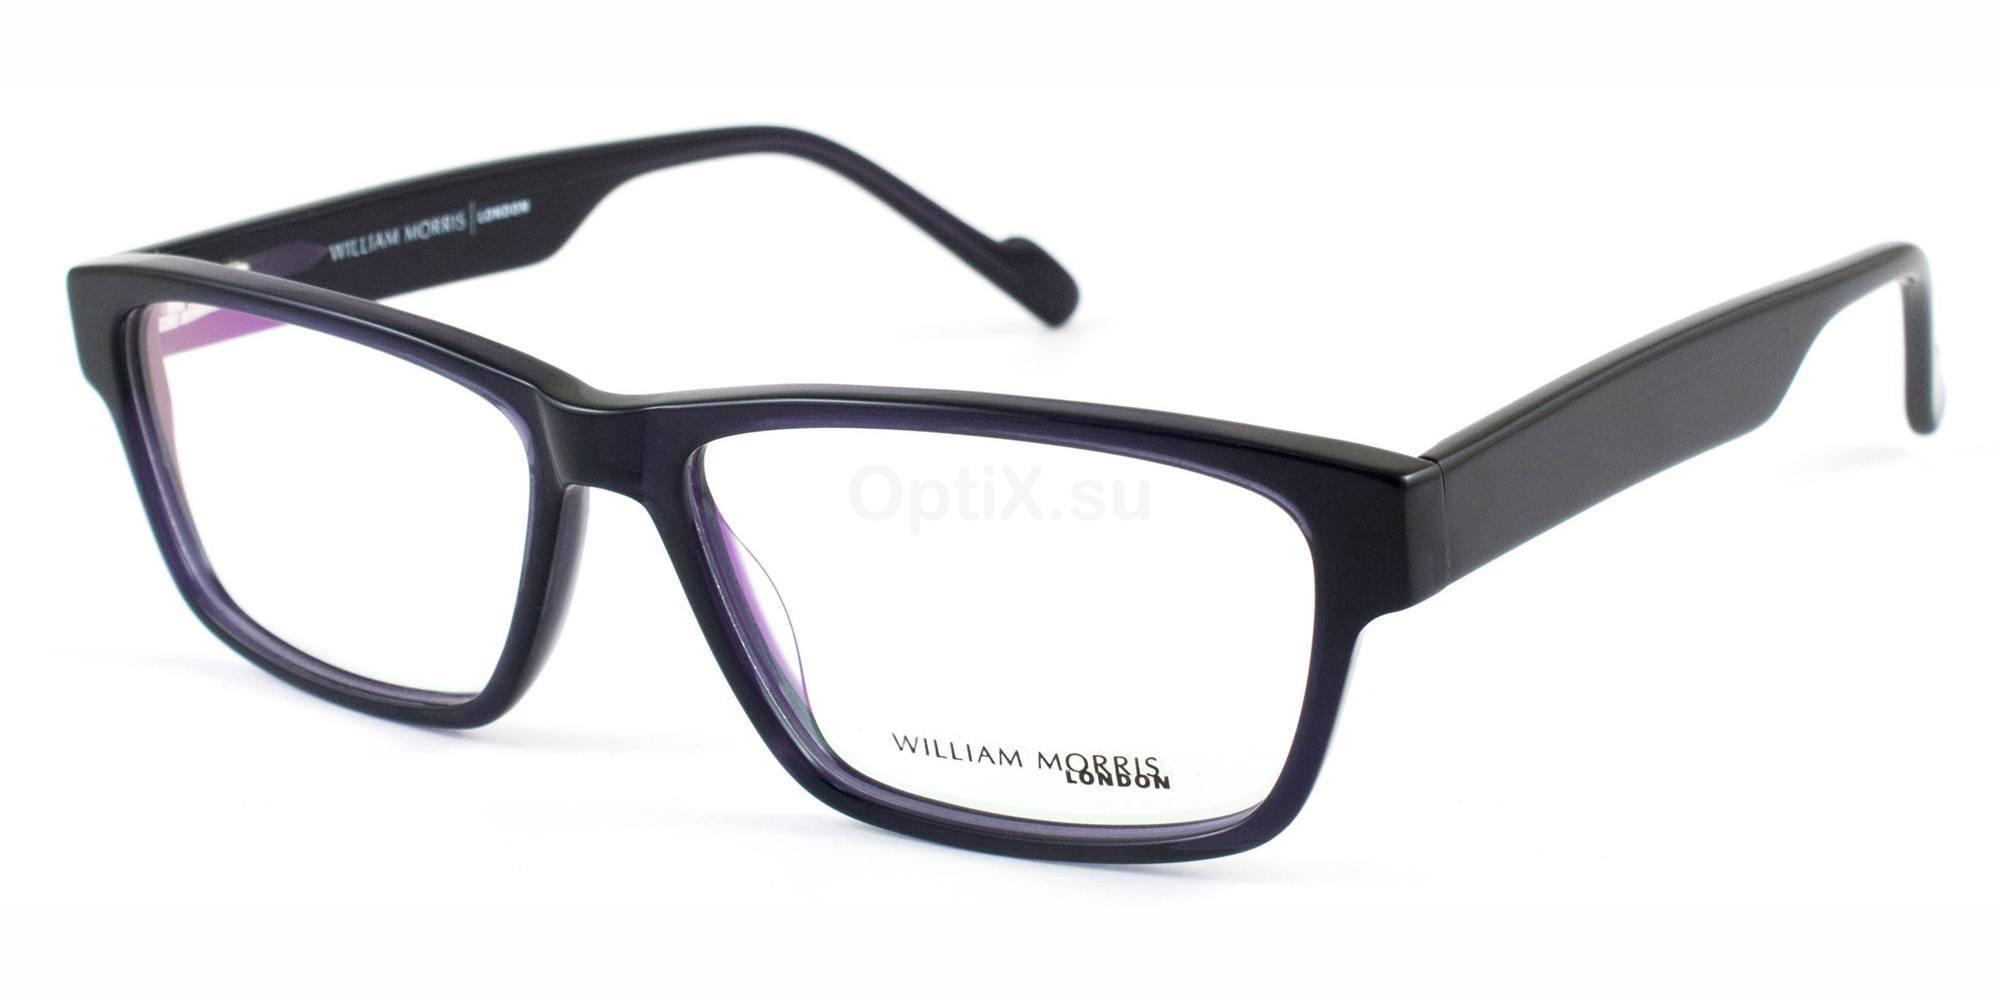 C1 WL9951 , William Morris London